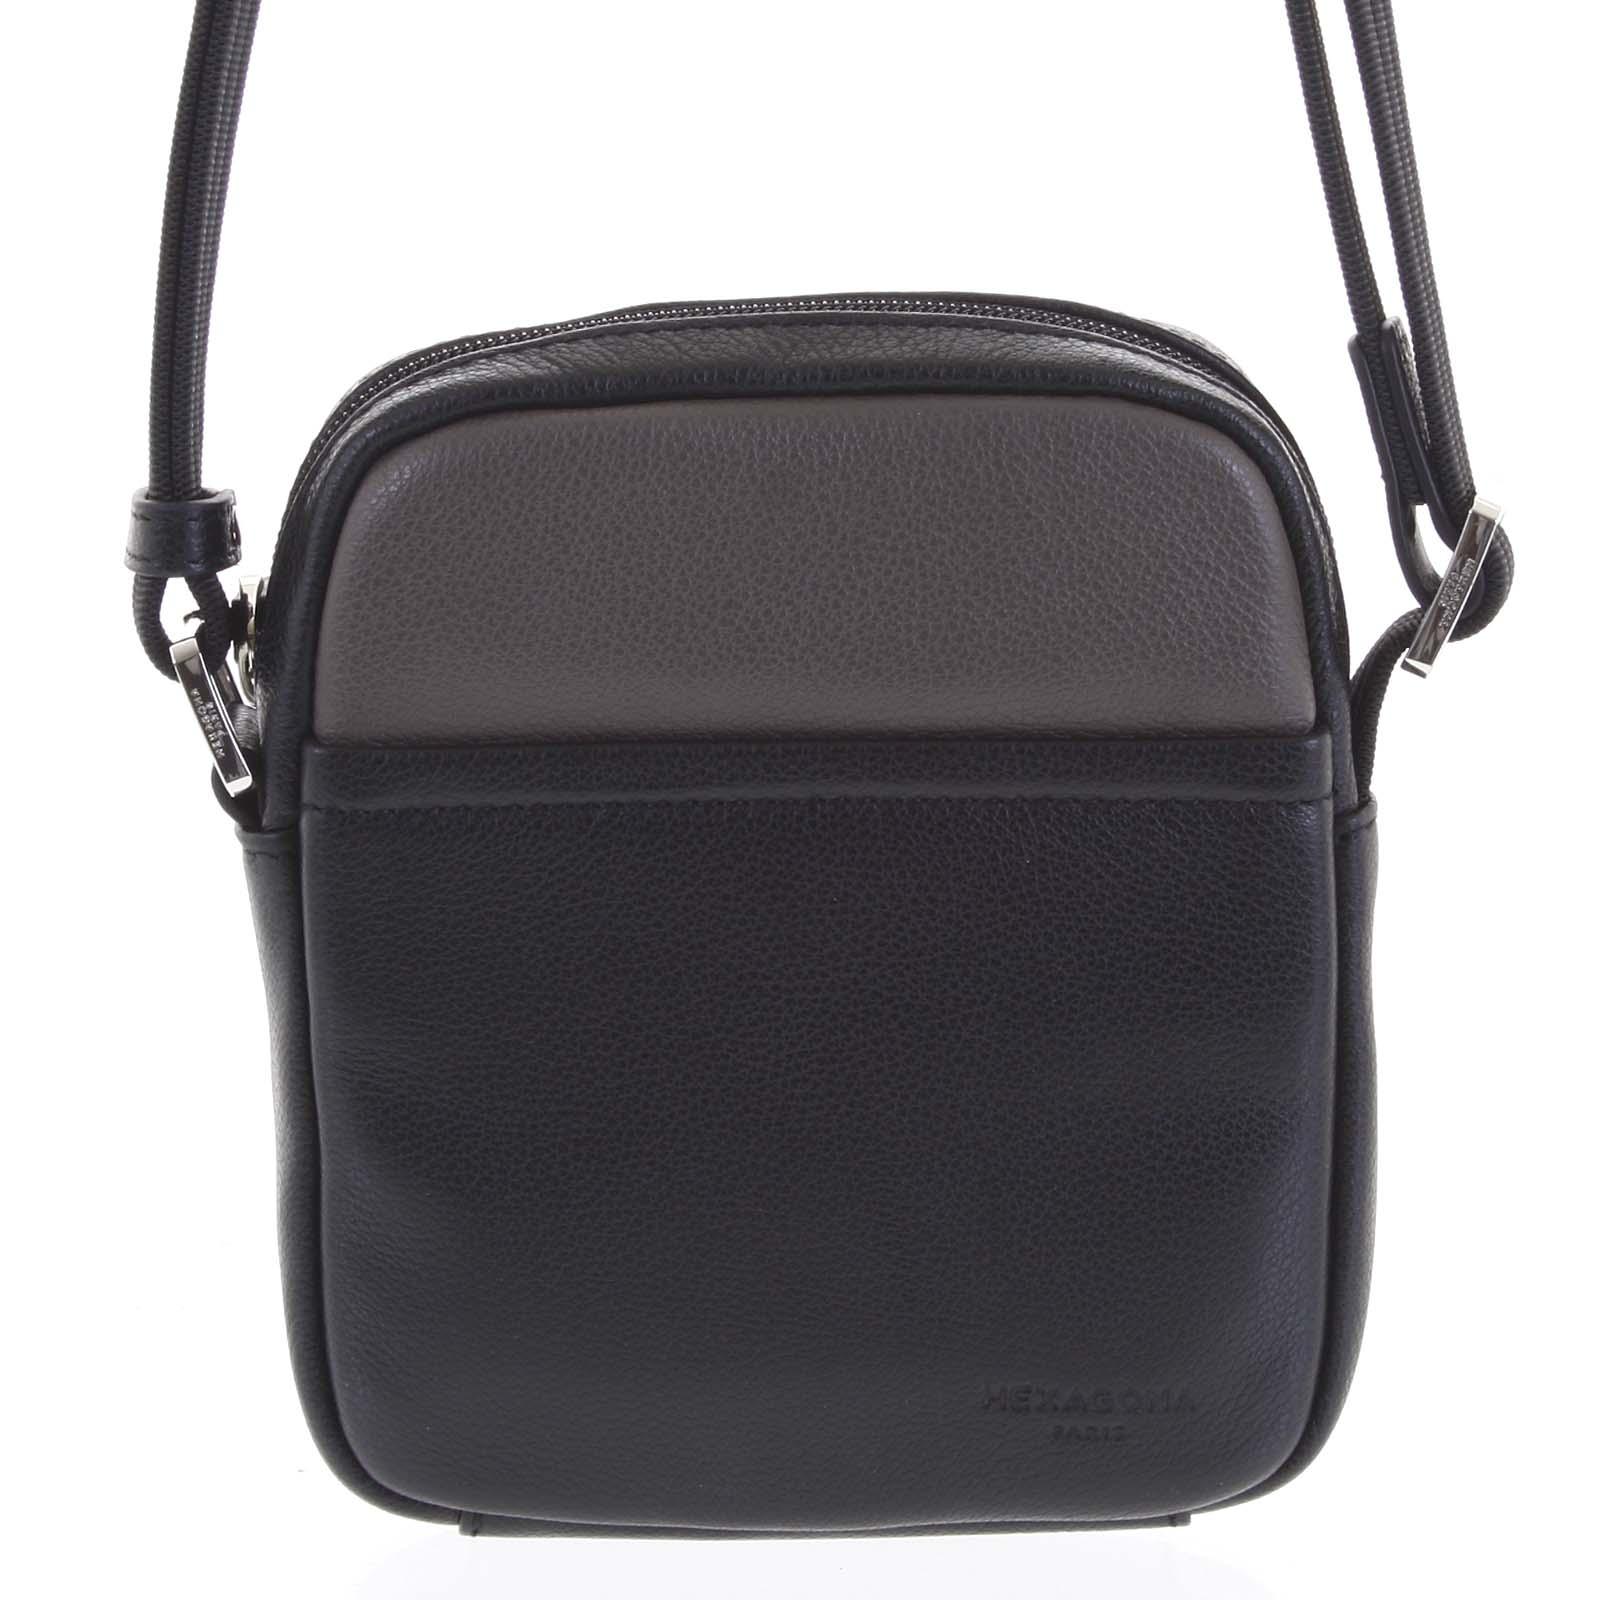 Pánská kožená taška na doklady černá taupe - Hexagona Wednesday